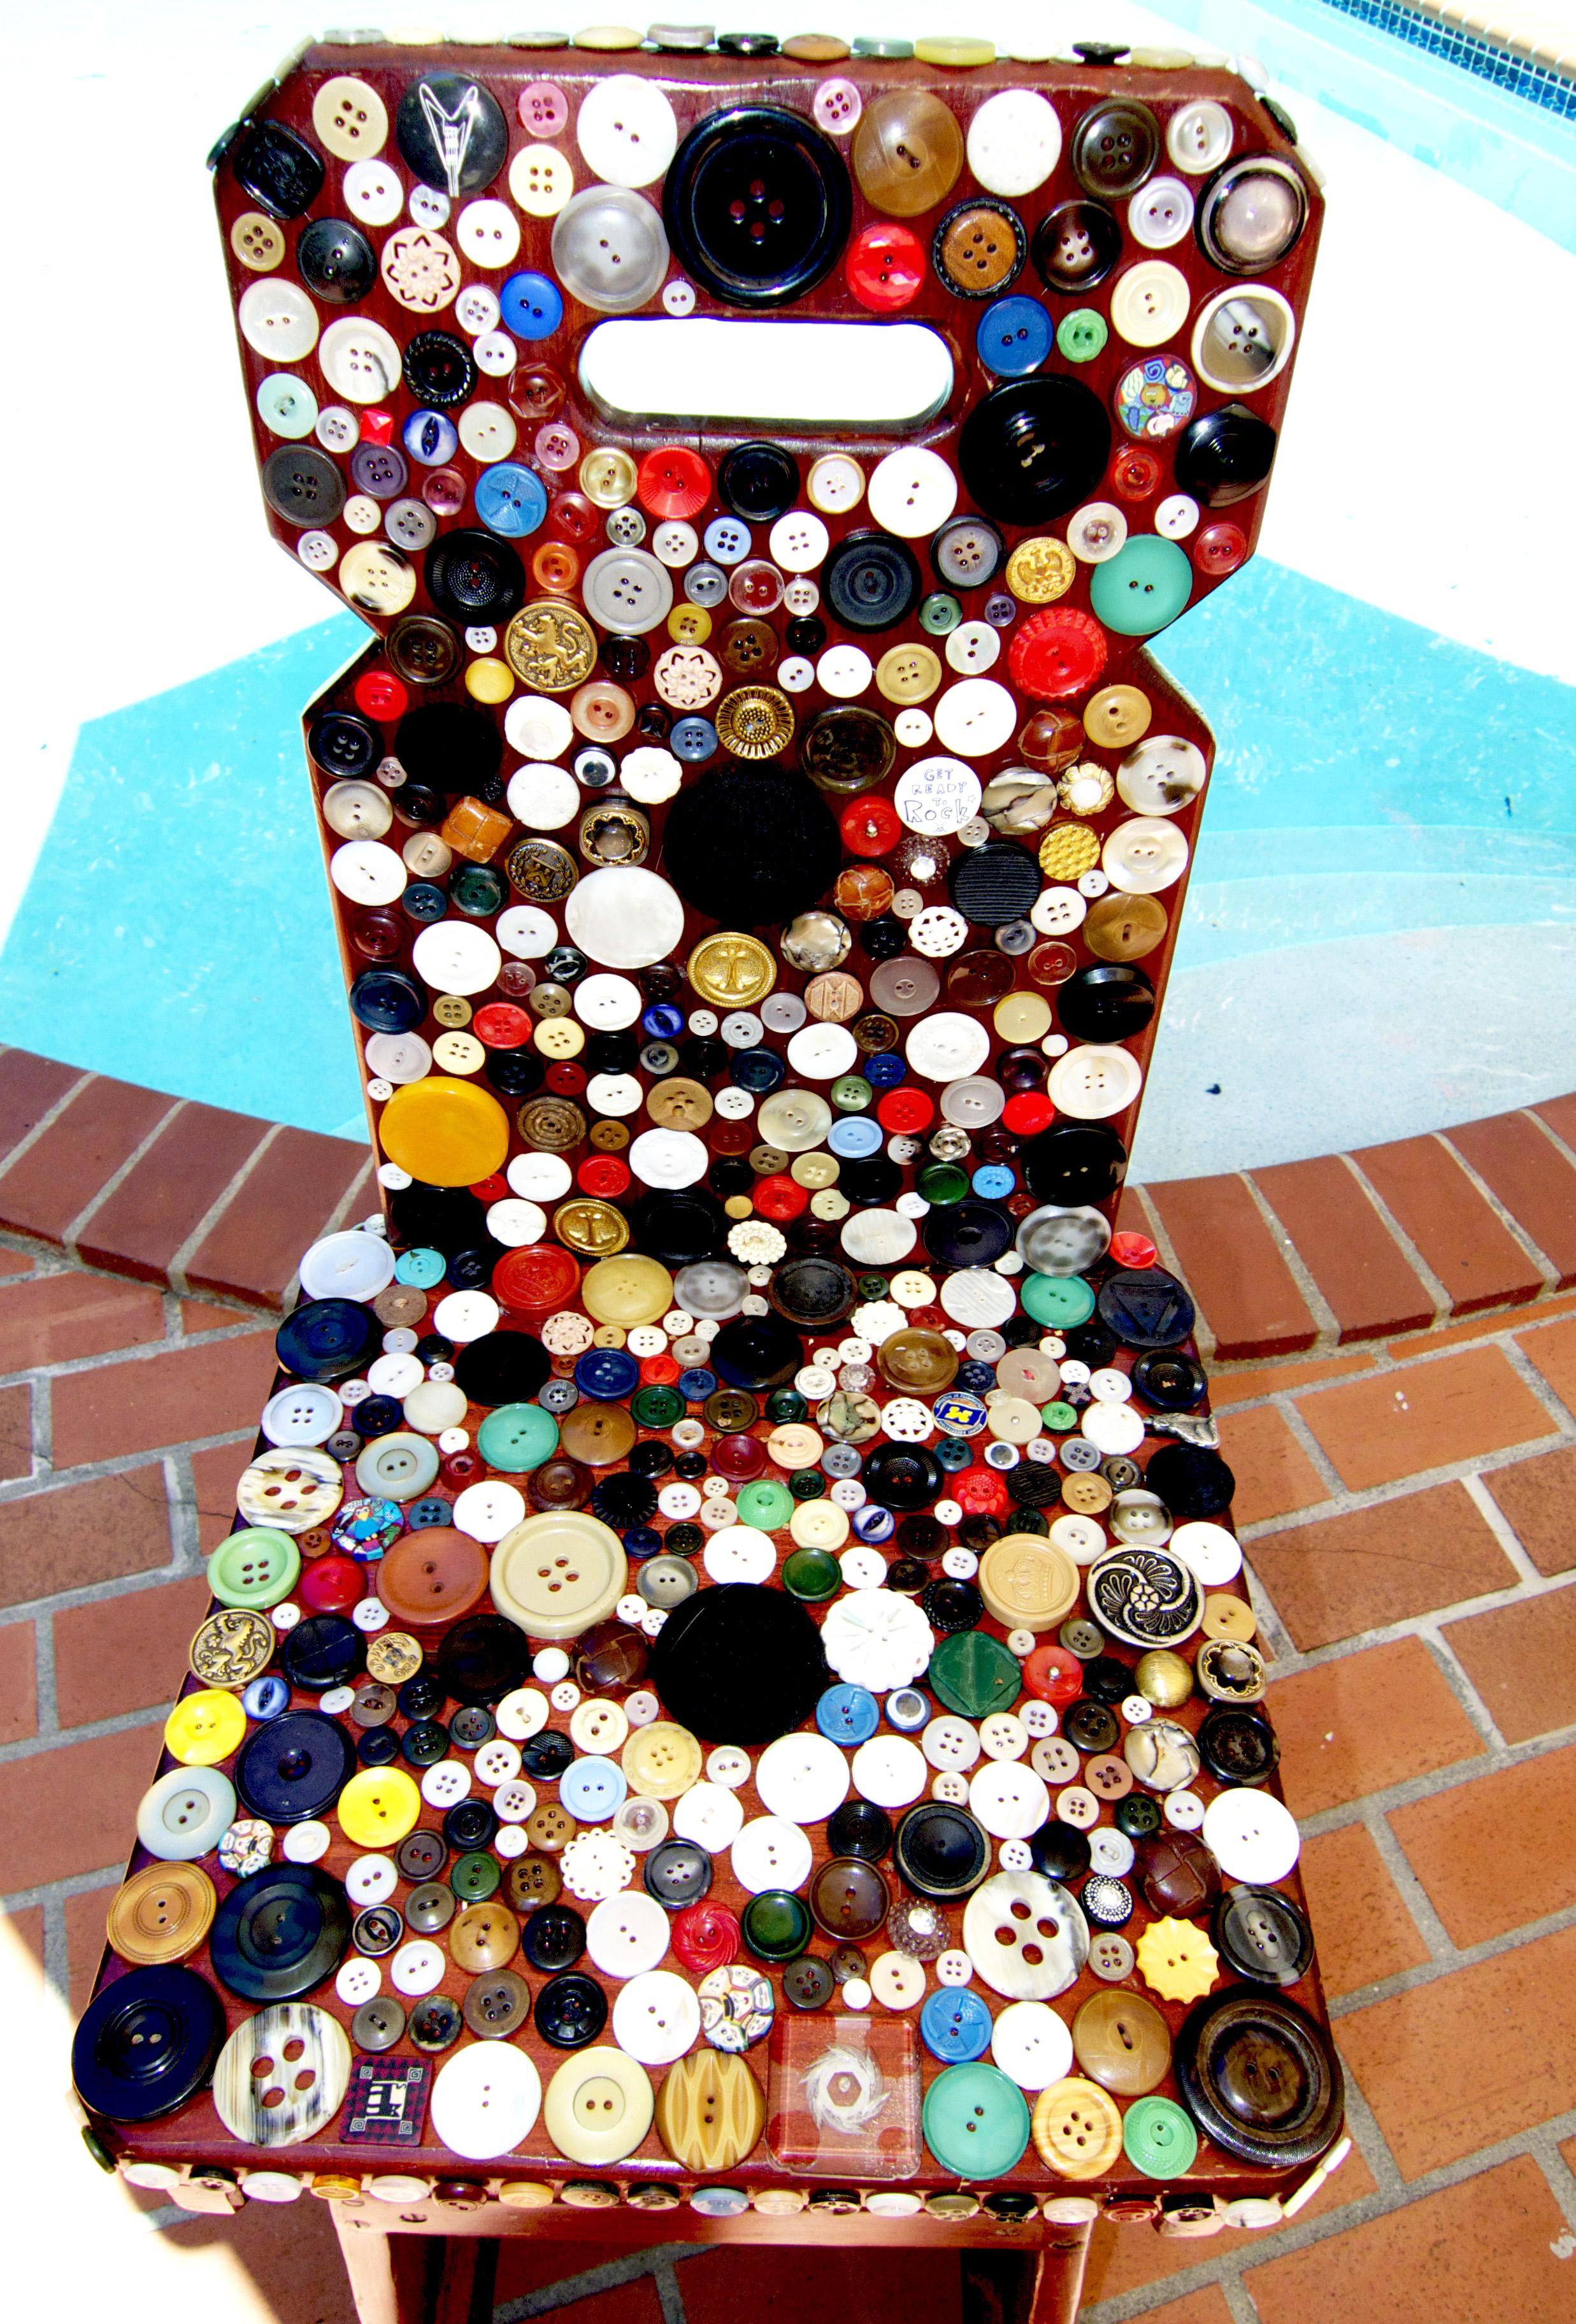 Button, button, who's got a button?